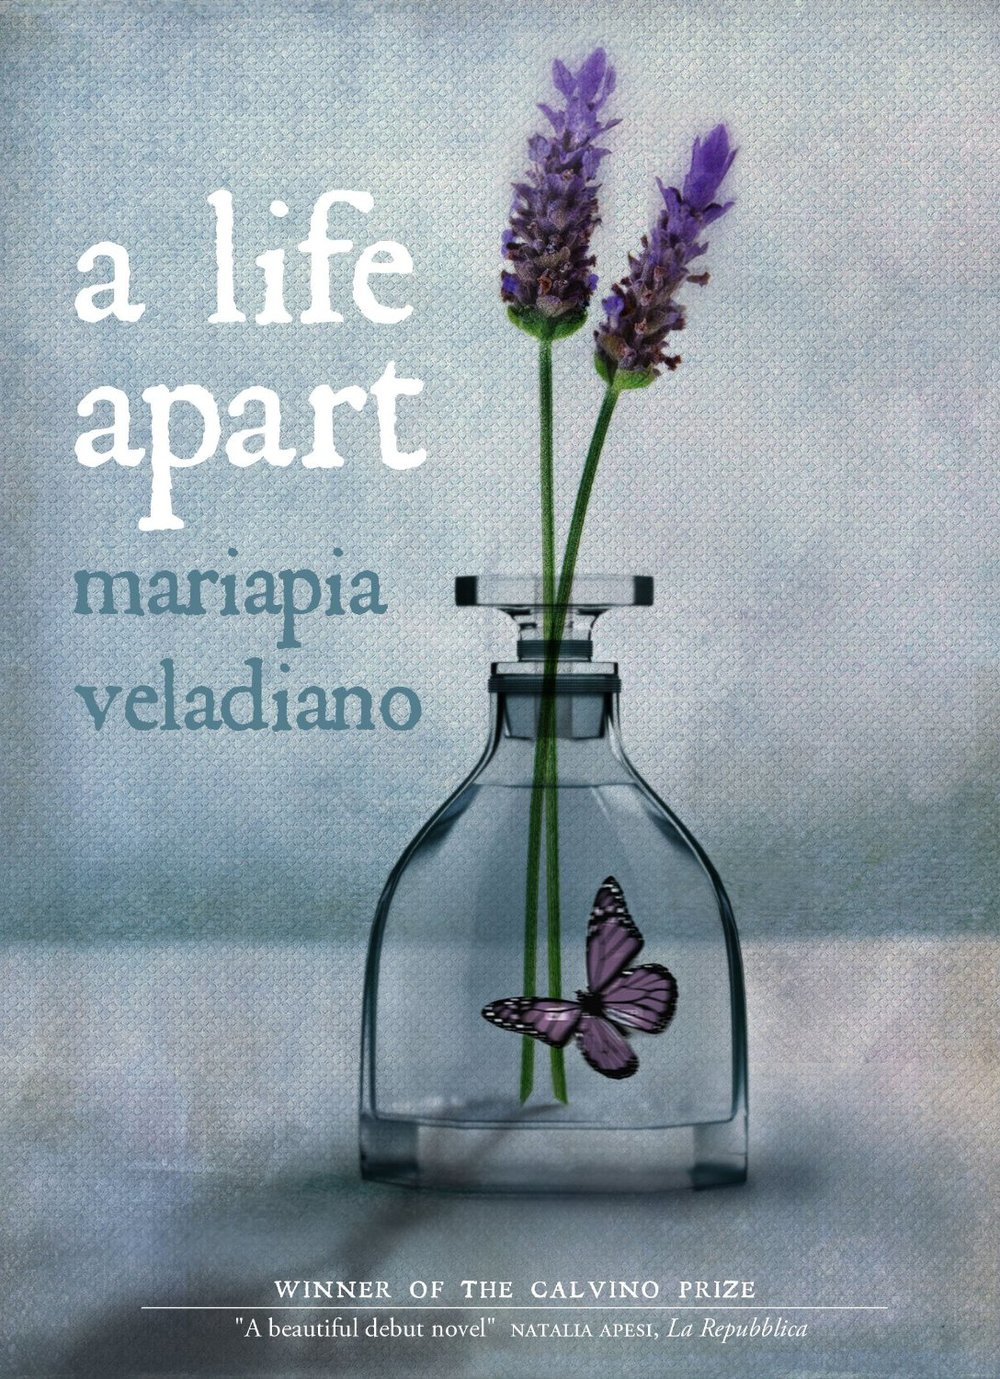 by Mariapia Veladiano, translated from ITALIAN byCristina Viti